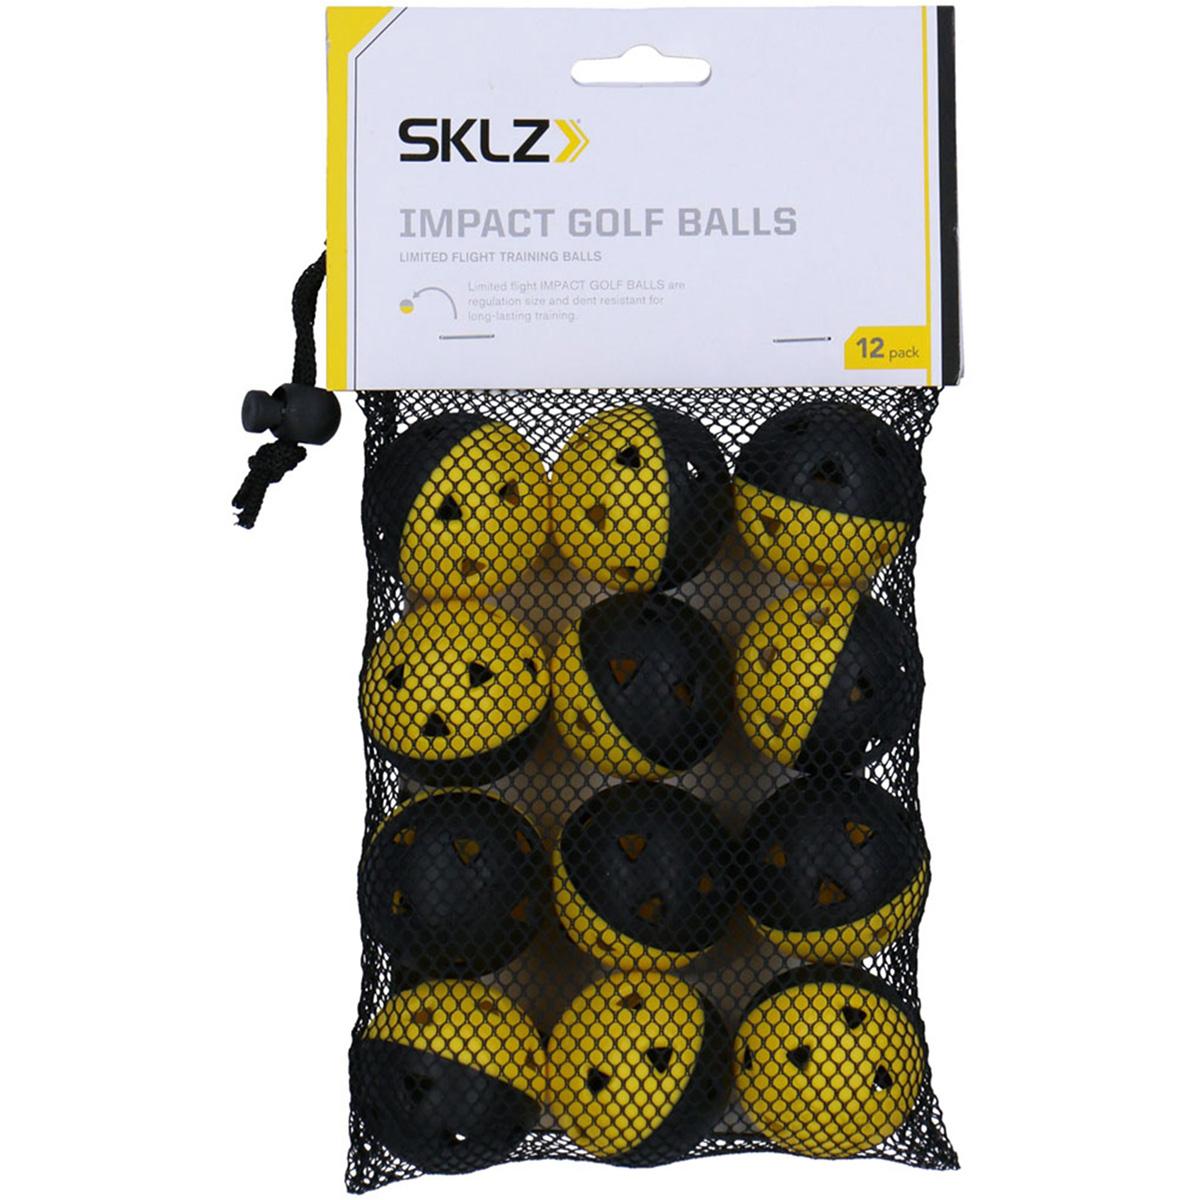 練習用インパクトゴルフボール 12個入り